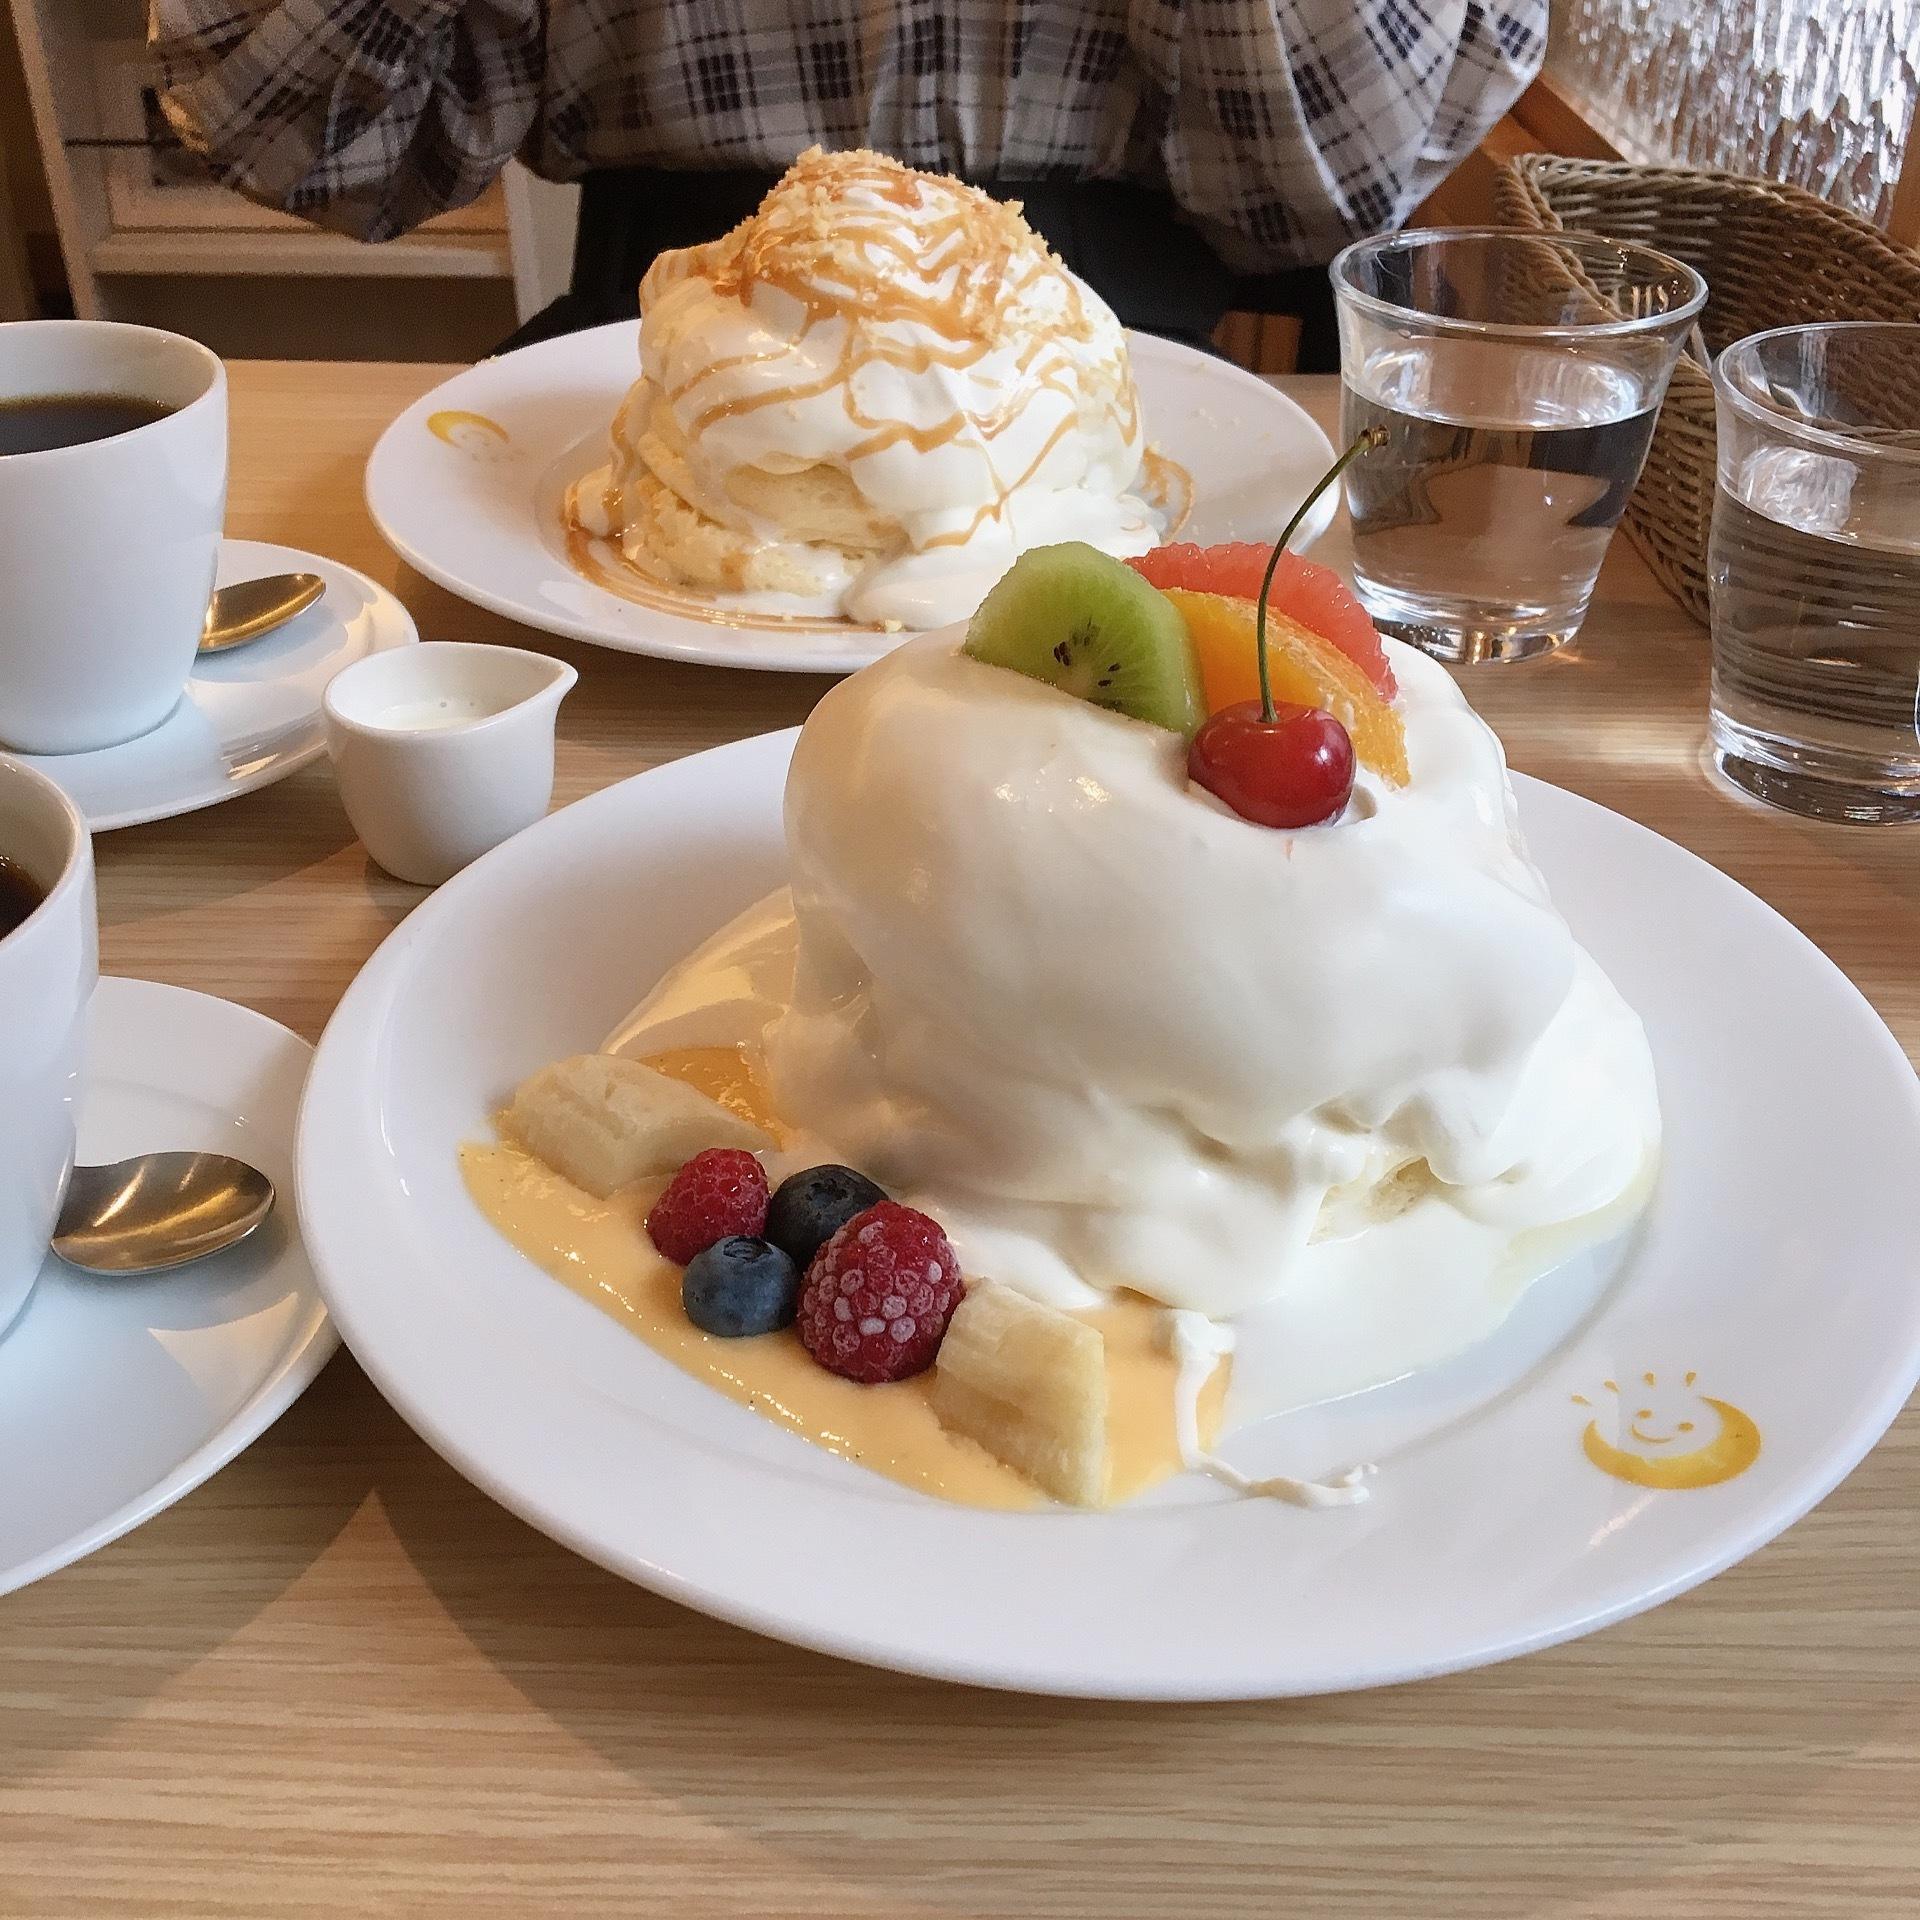 SNSで【美味しすぎる】と話題☆ 究極のパンケーキ「茶香」が凄い_1_4